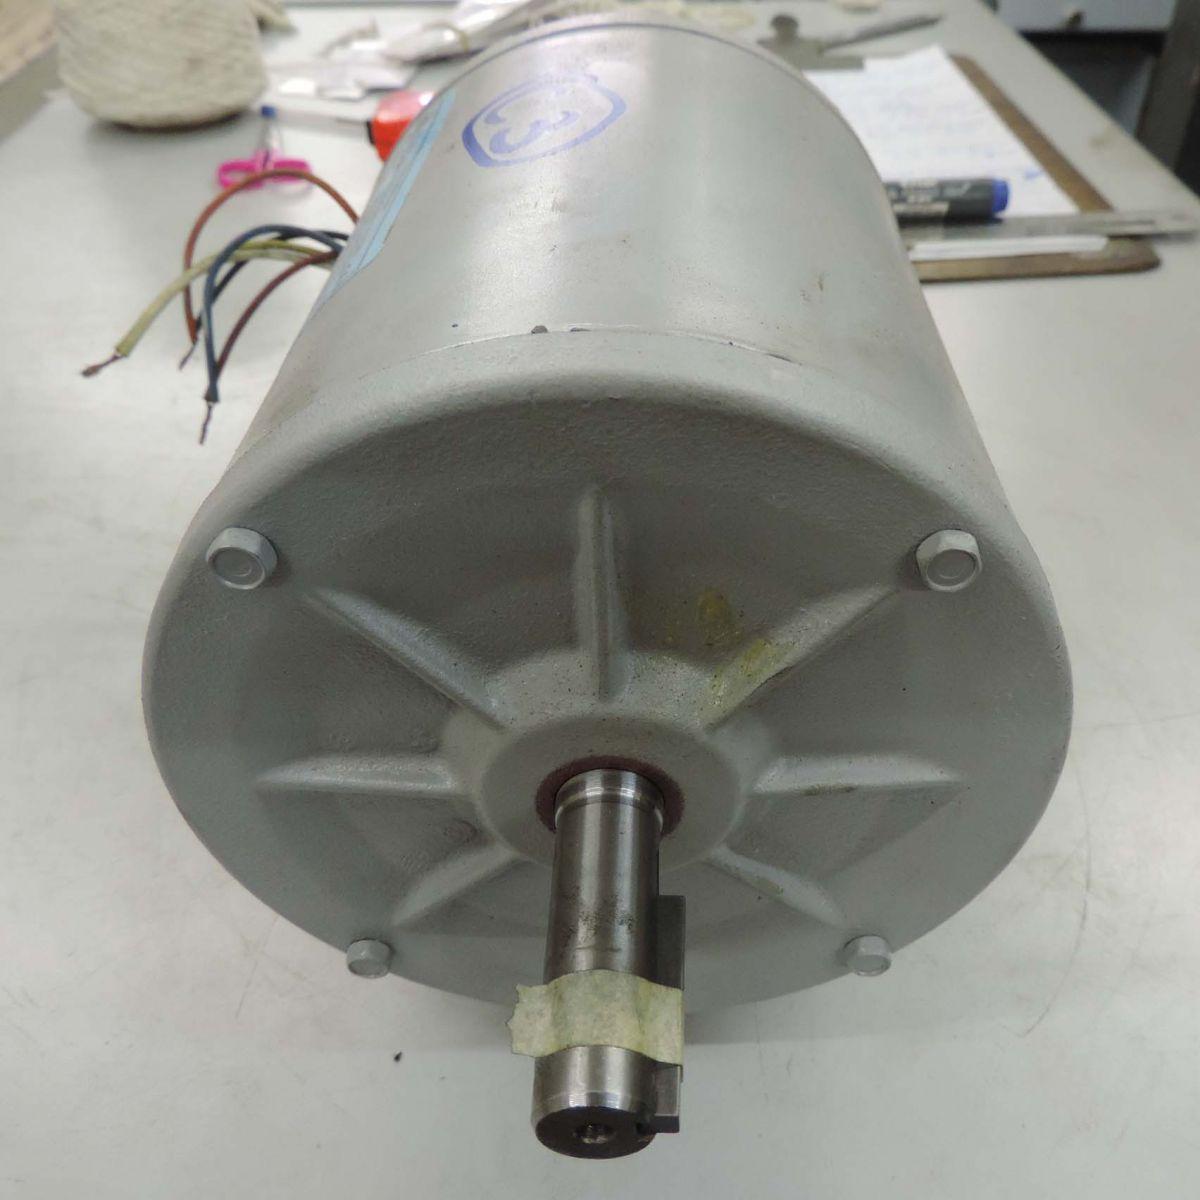 Motor Trifásico Novo Marca Nova C3 - 0,5 Cv 3480 Rpm